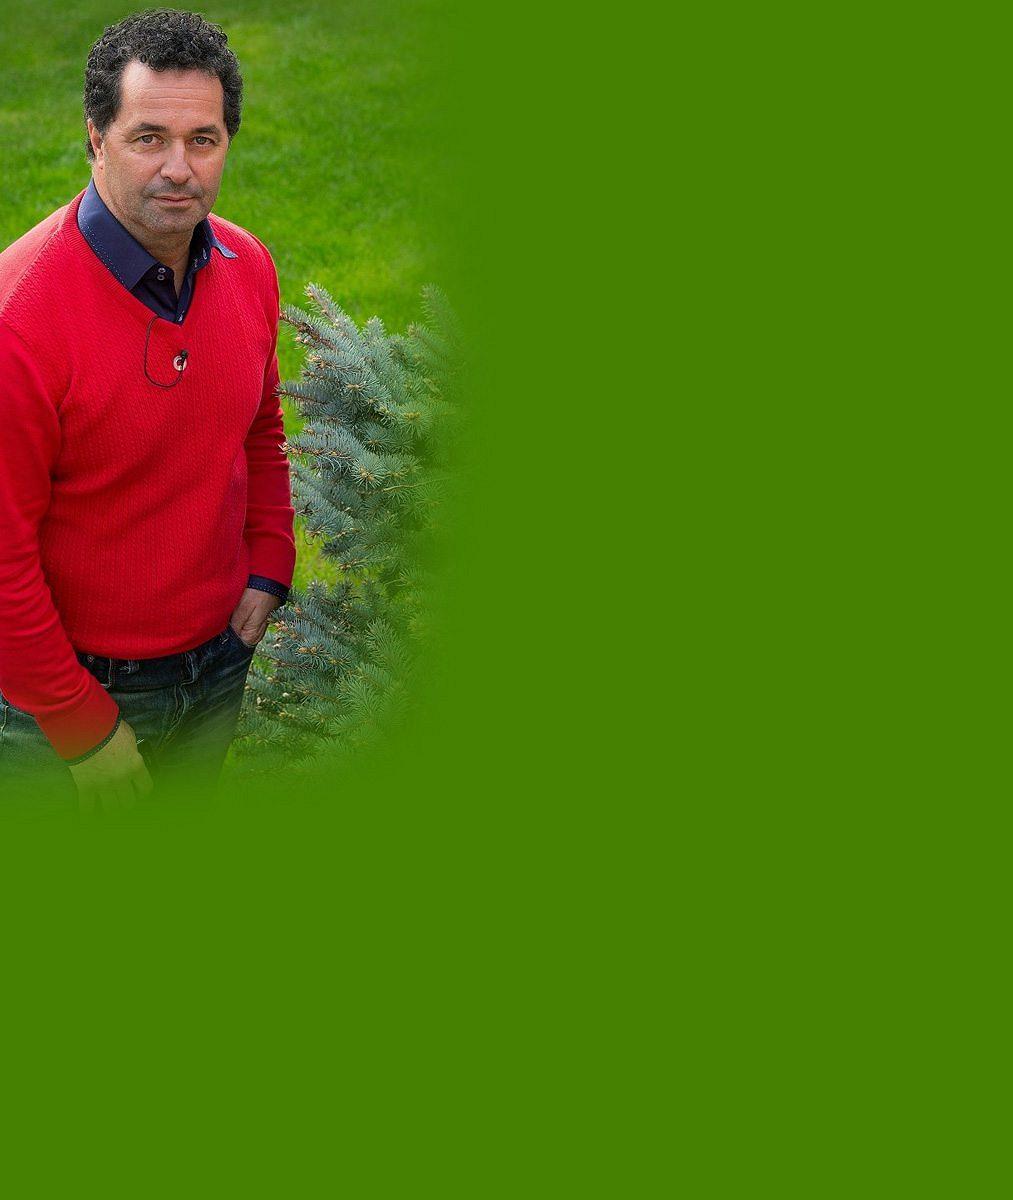 Martin Dejdar musí pod kudlu: Má vážné zdravotní problémy, o kterých neměl tušení